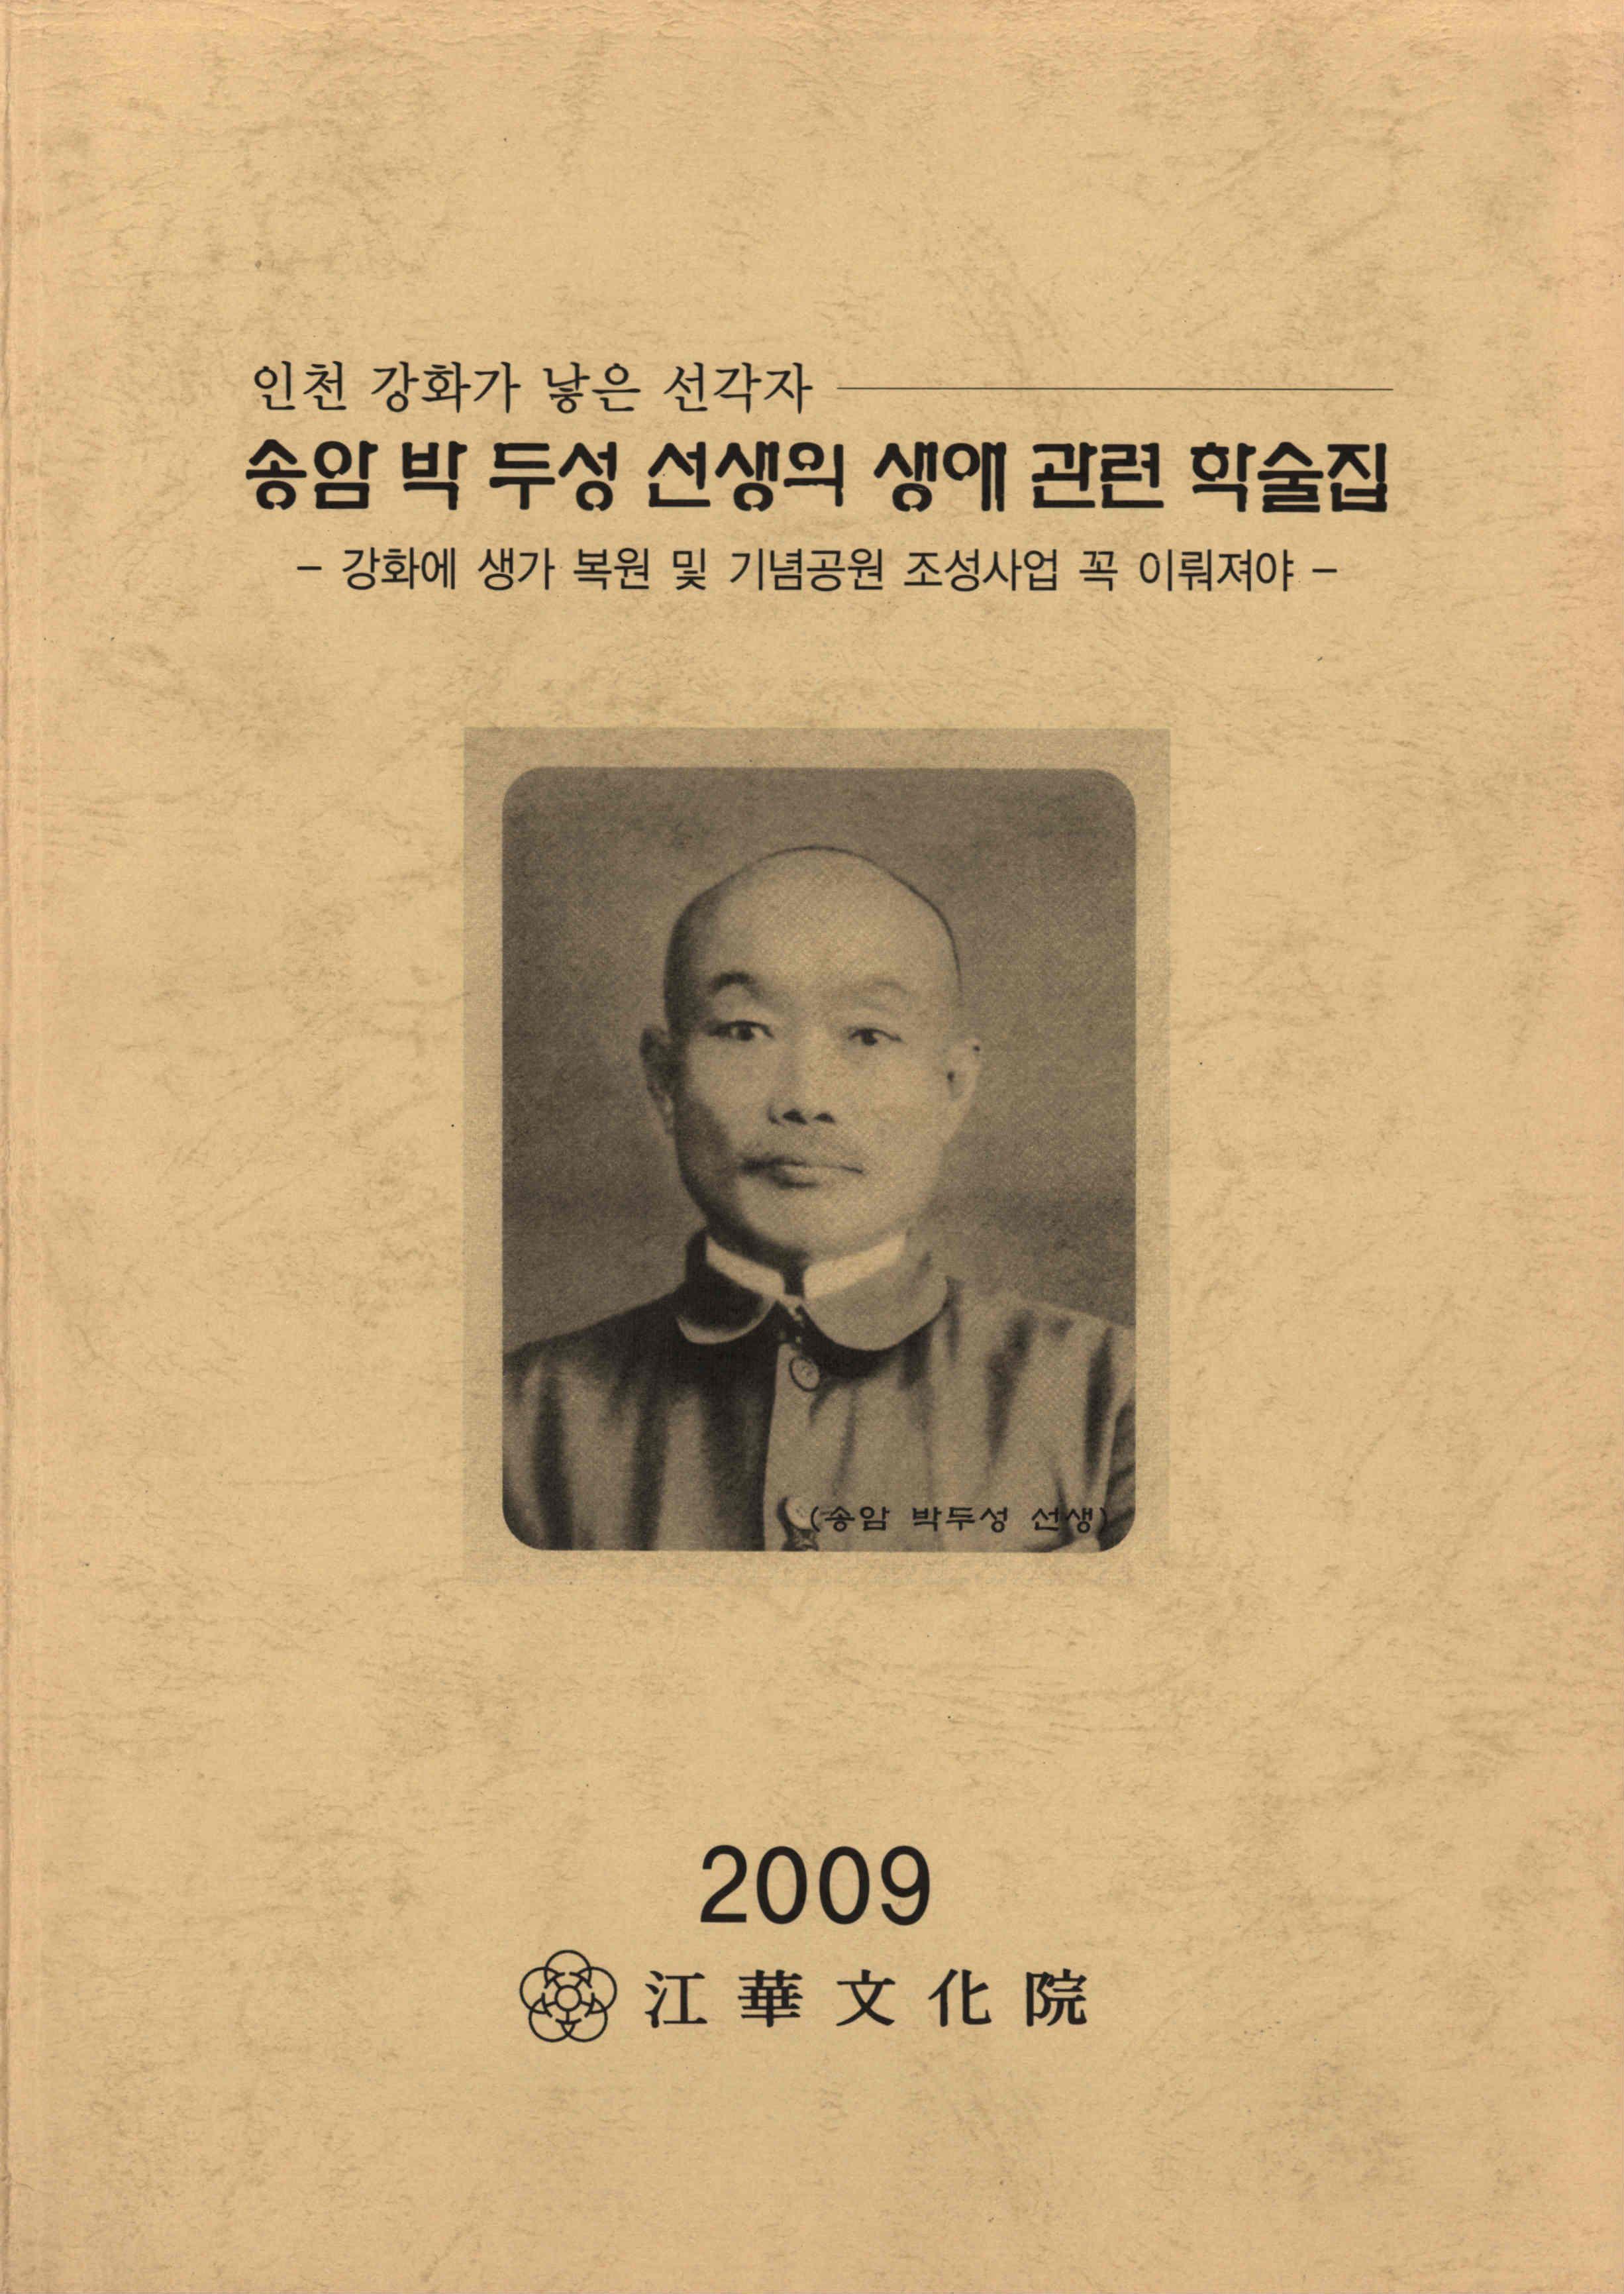 송암 박두성 선생의 생애 관련 학술집